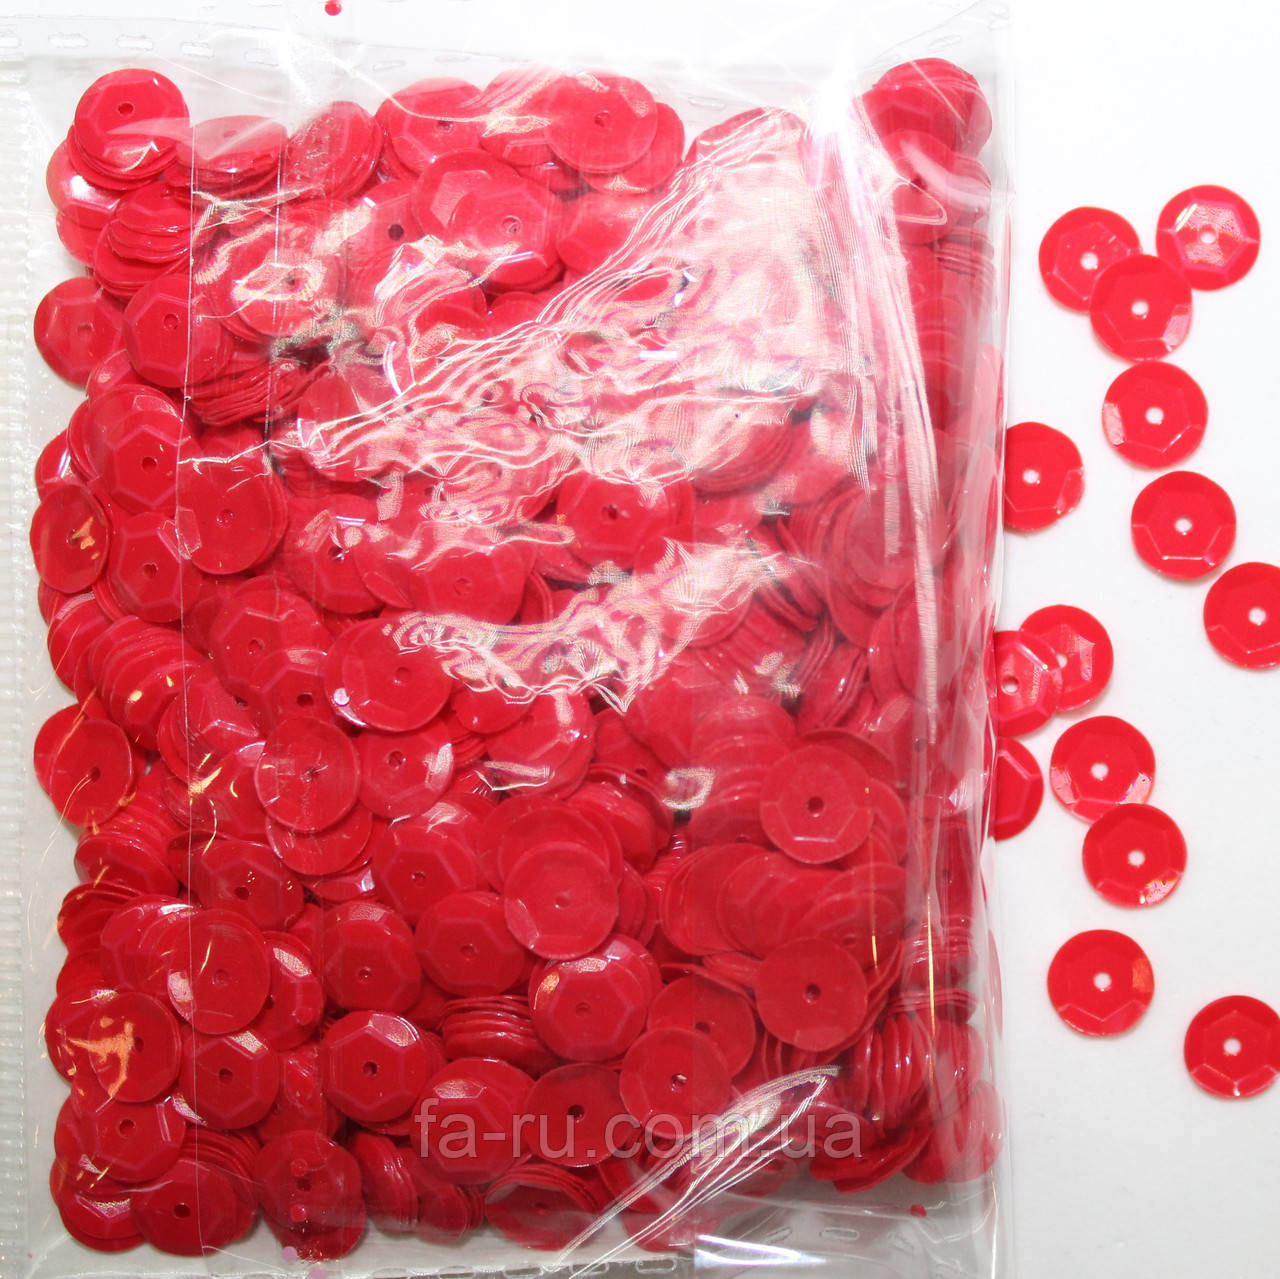 Пайетки круглые. Цвет - красный (тиснение), Ø - 6 мм, уп/20 грамм. №82